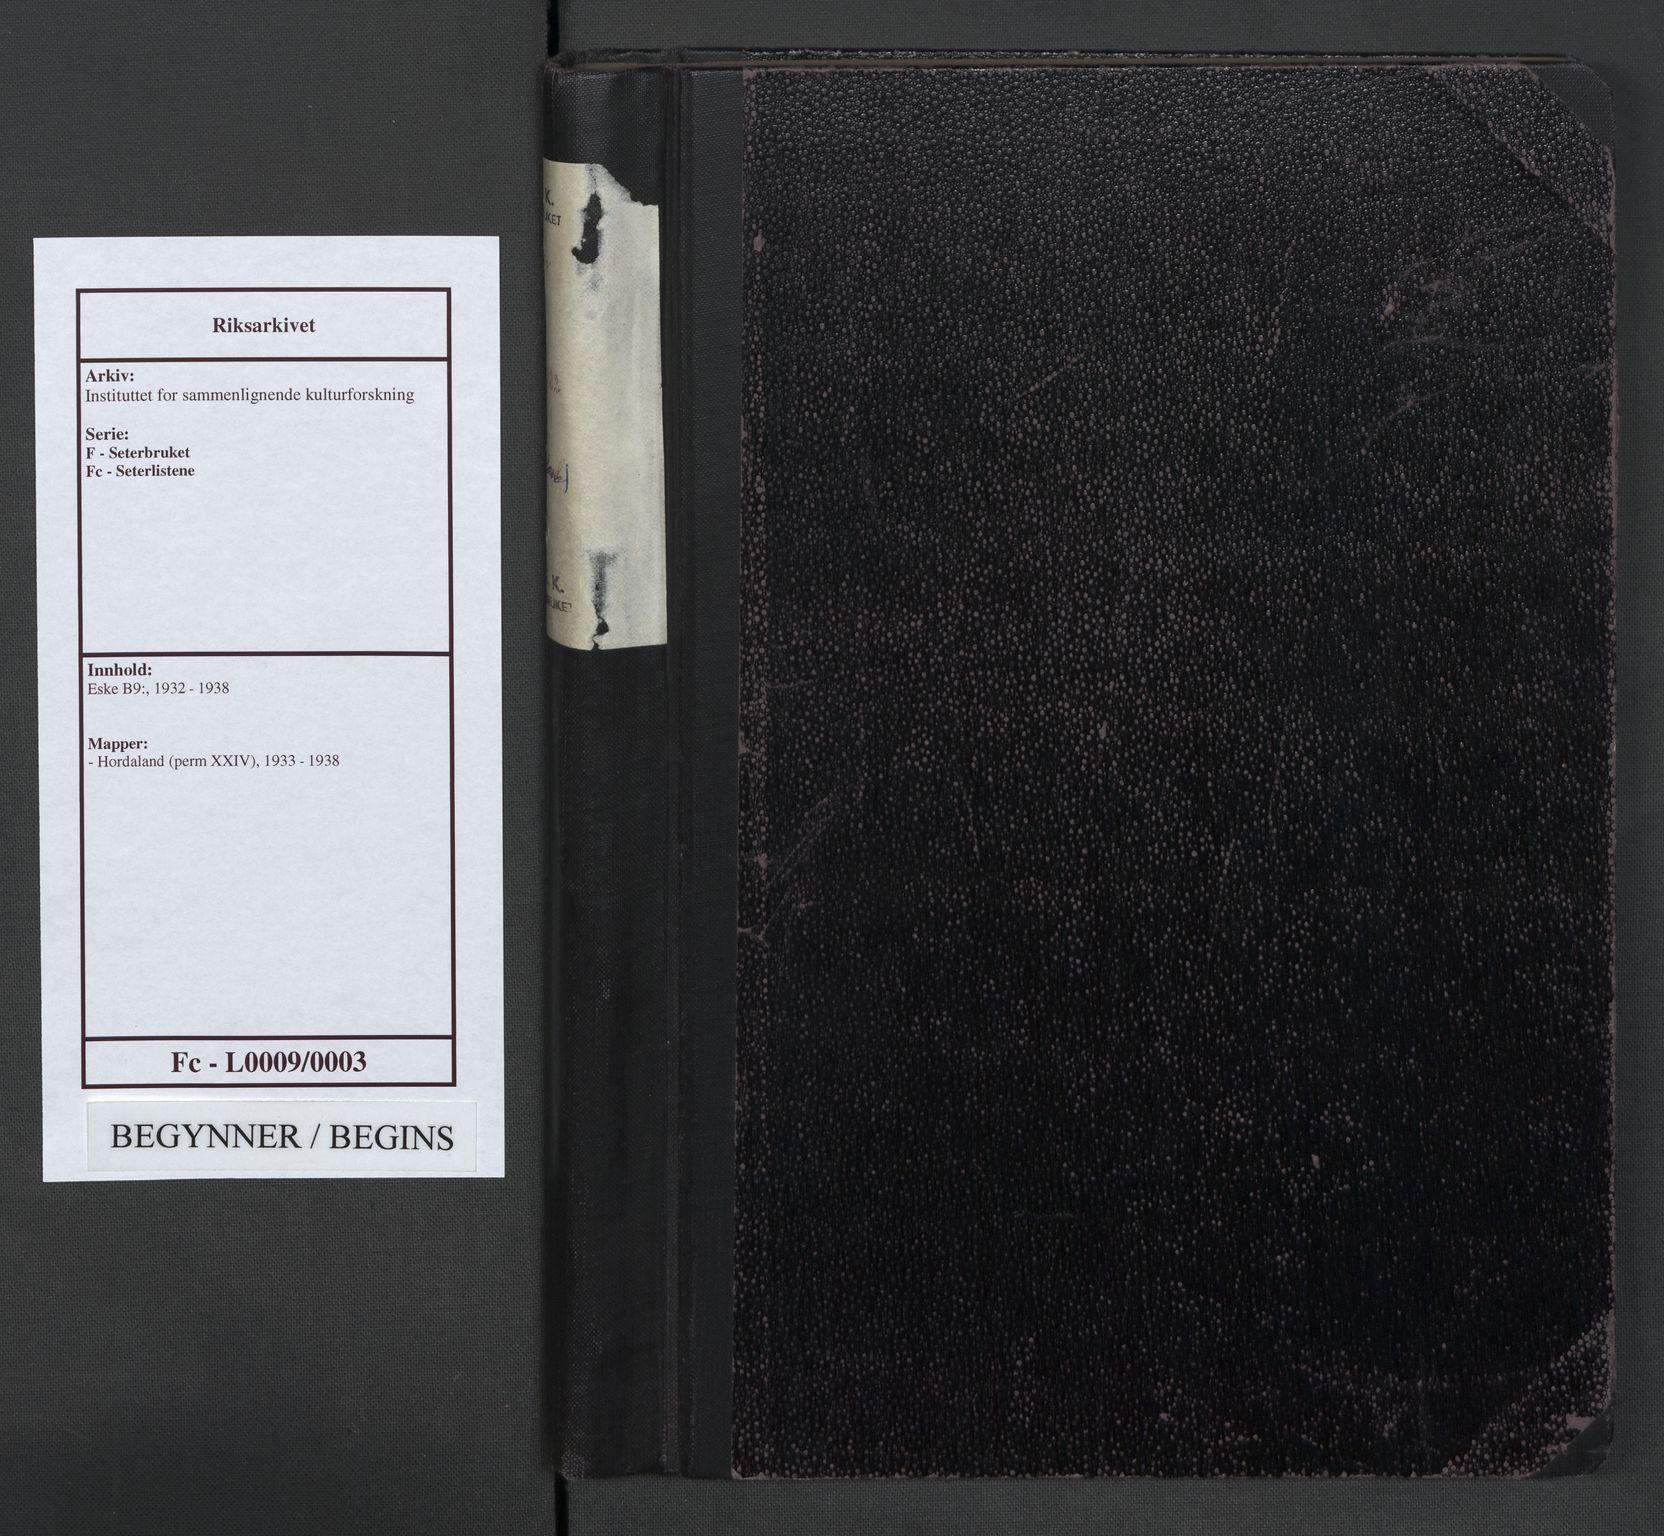 RA, Instituttet for sammenlignende kulturforskning, F/Fc/L0009: Eske B9:, 1933-1938, s. upaginert